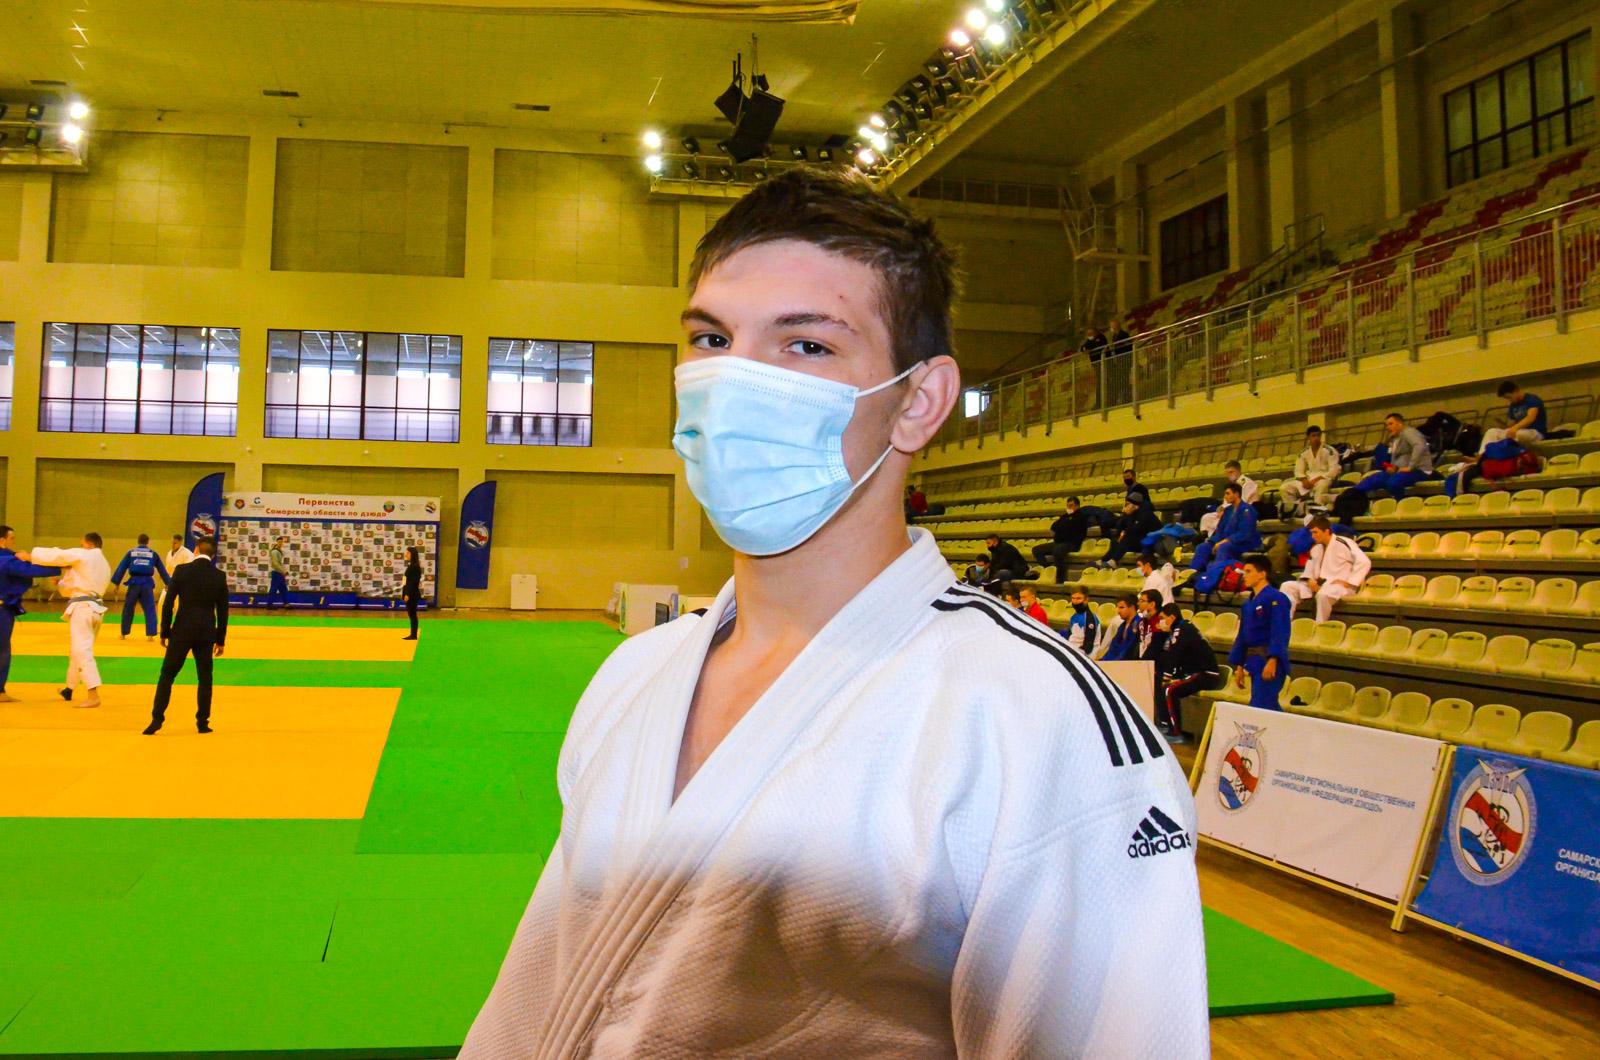 До конца недели в Самаре будет сформирована команда на Первенство ПФО по дзюдо | Новости спорта